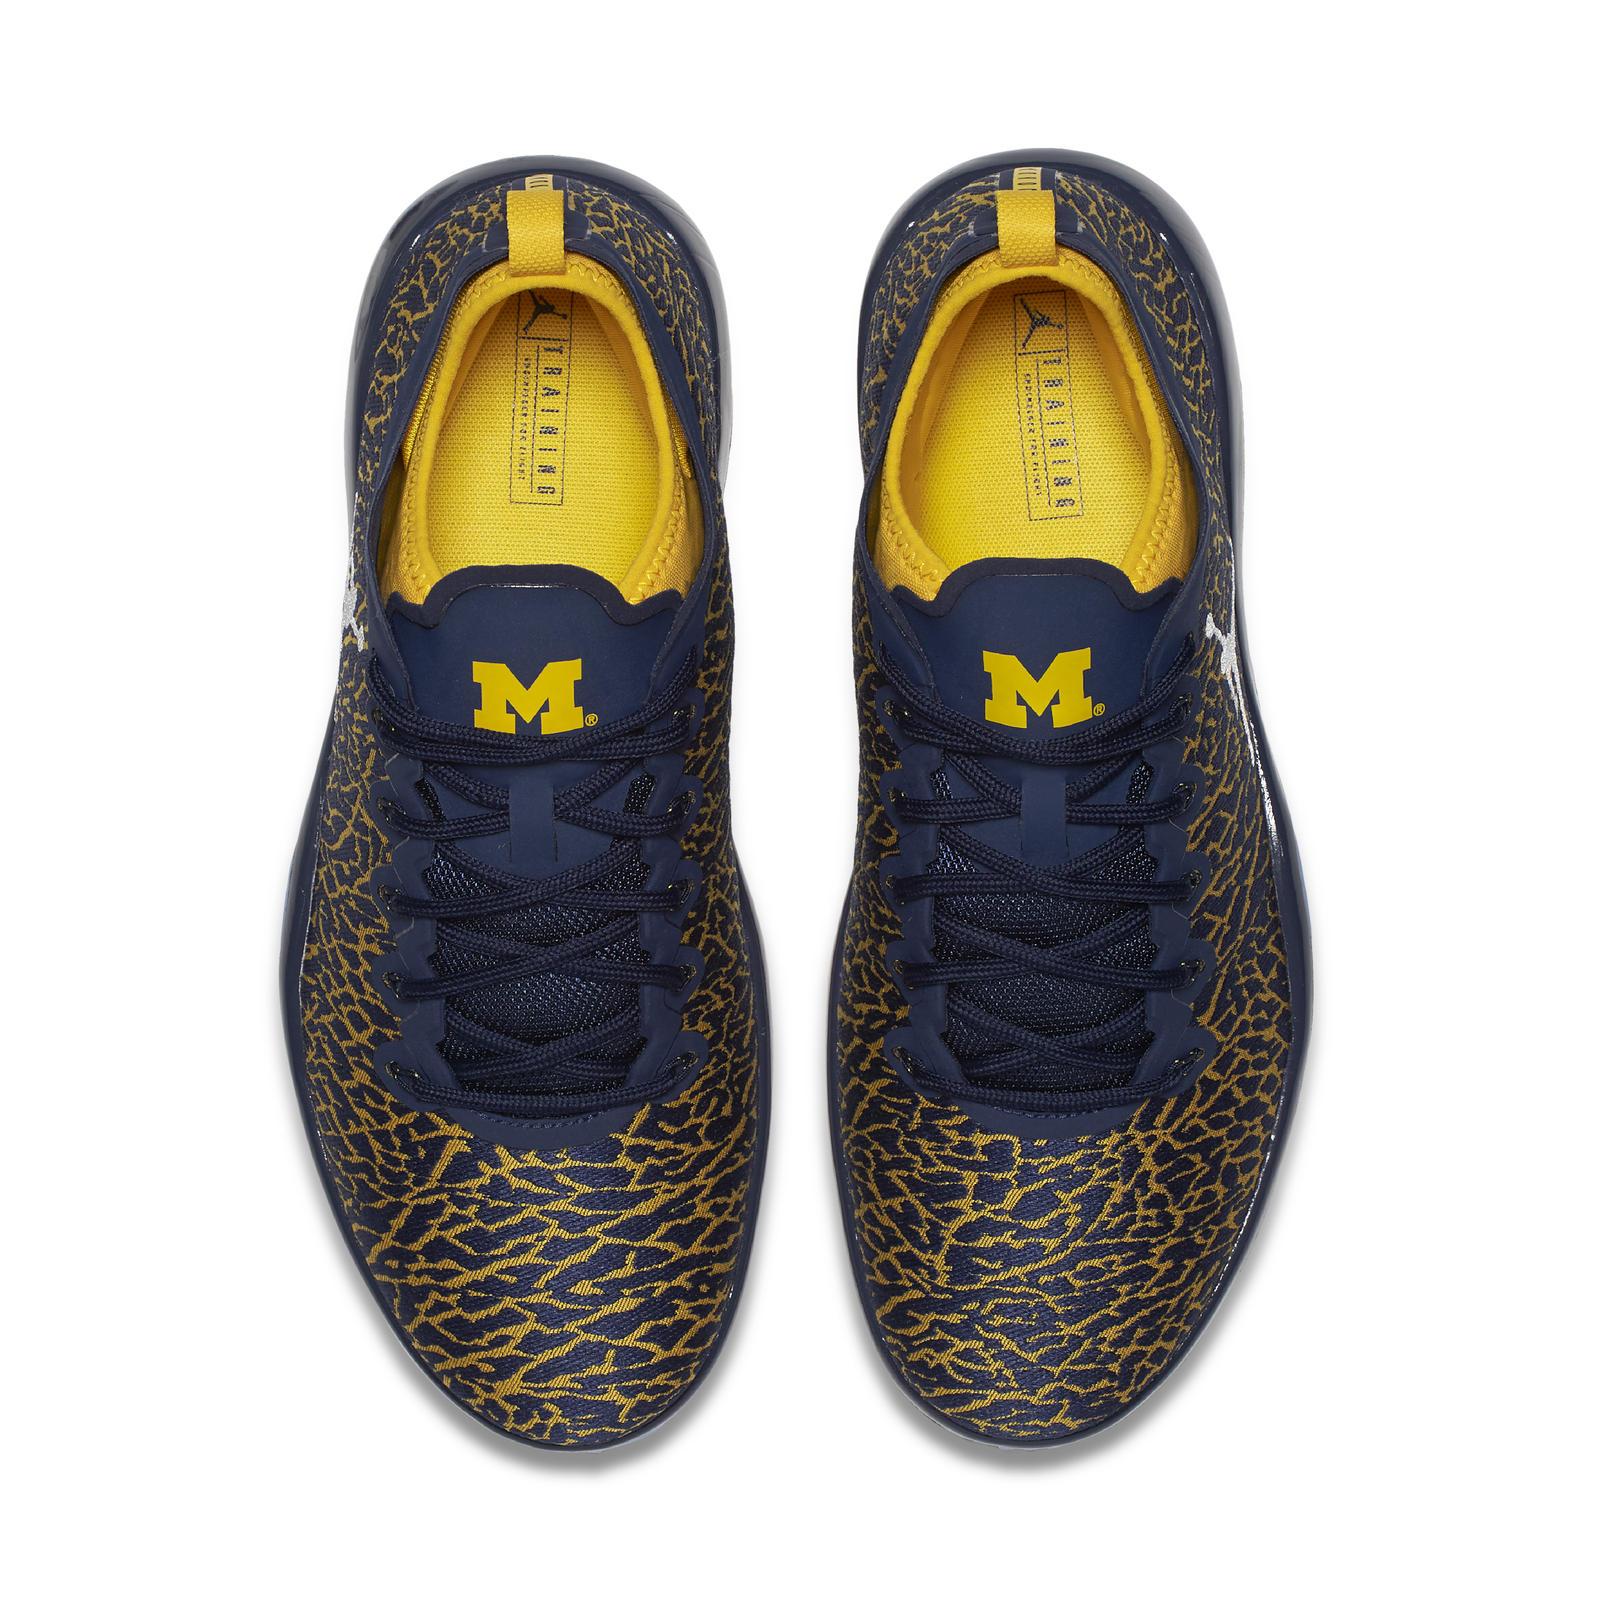 Tennis Shoes U Of Michigan